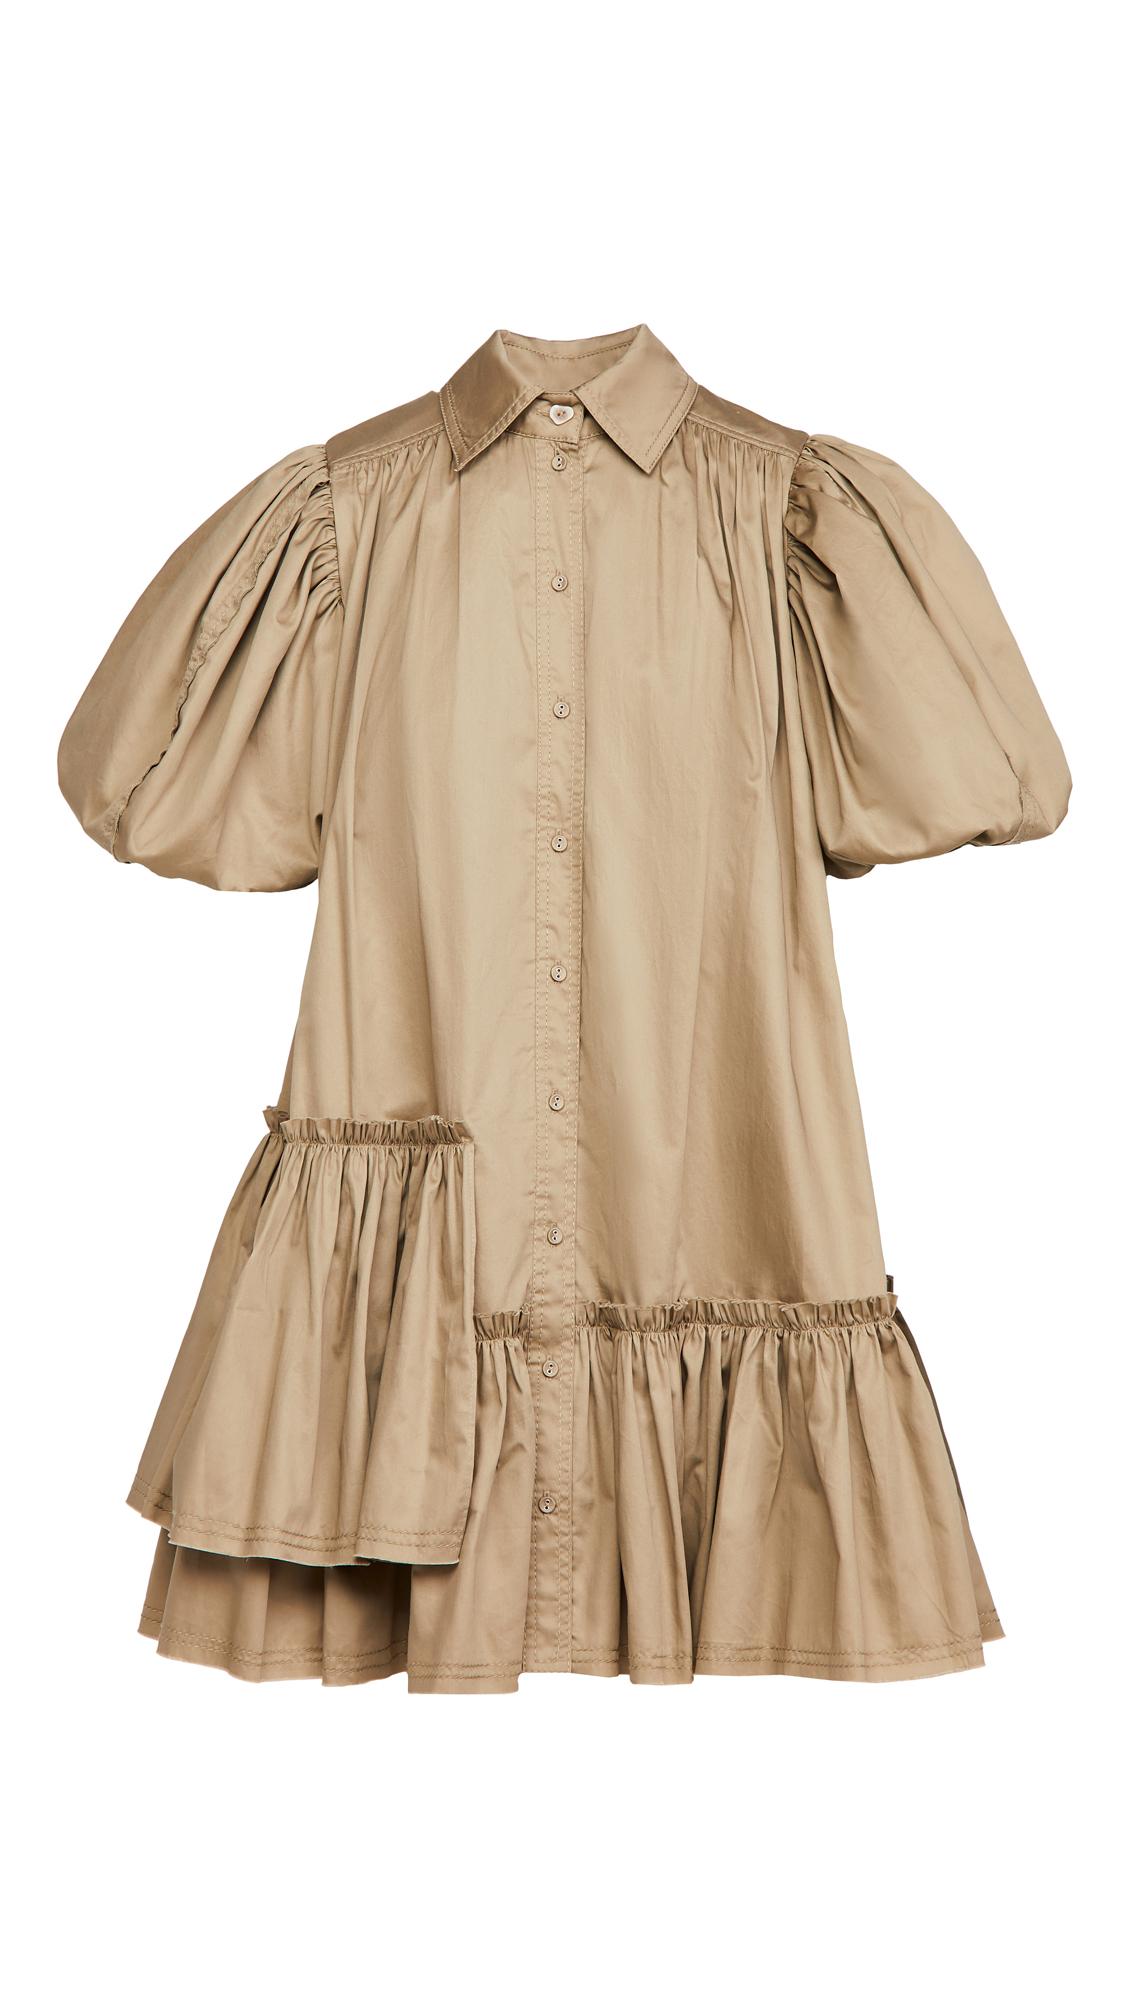 Aje Ambience Shirt Dress